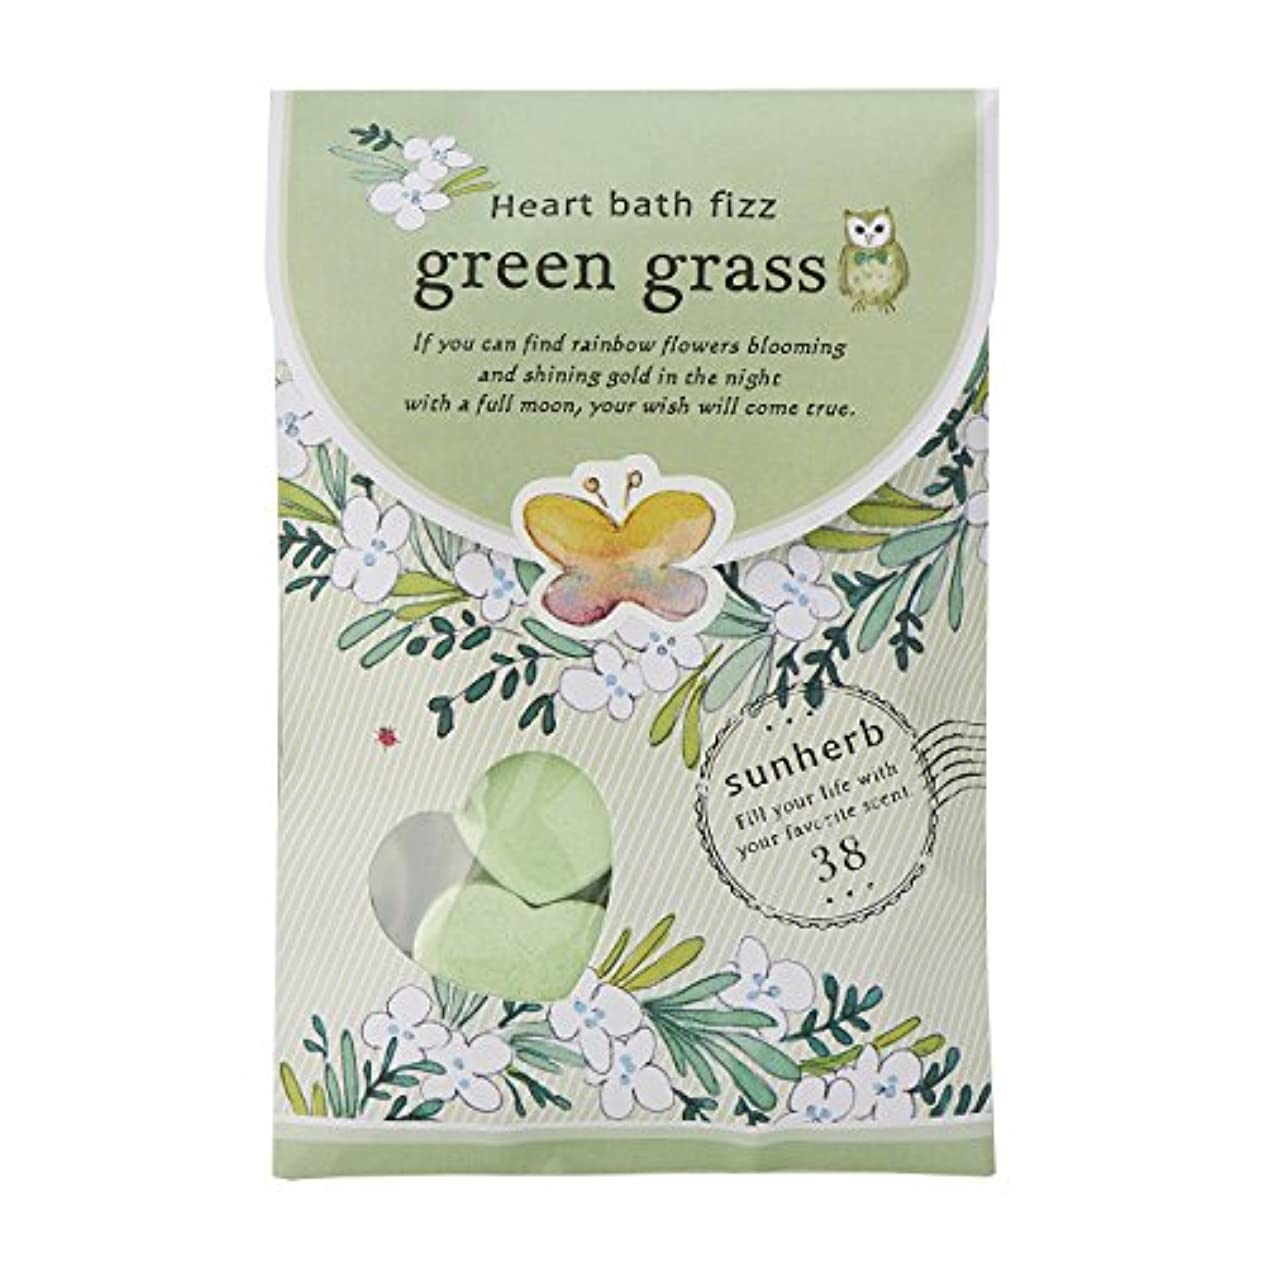 湿原菊任意サンハーブ ハートバスフィズ28g×2包 グリーングラス(発泡タイプの入浴料 爽やかでちょっと大人の香り)